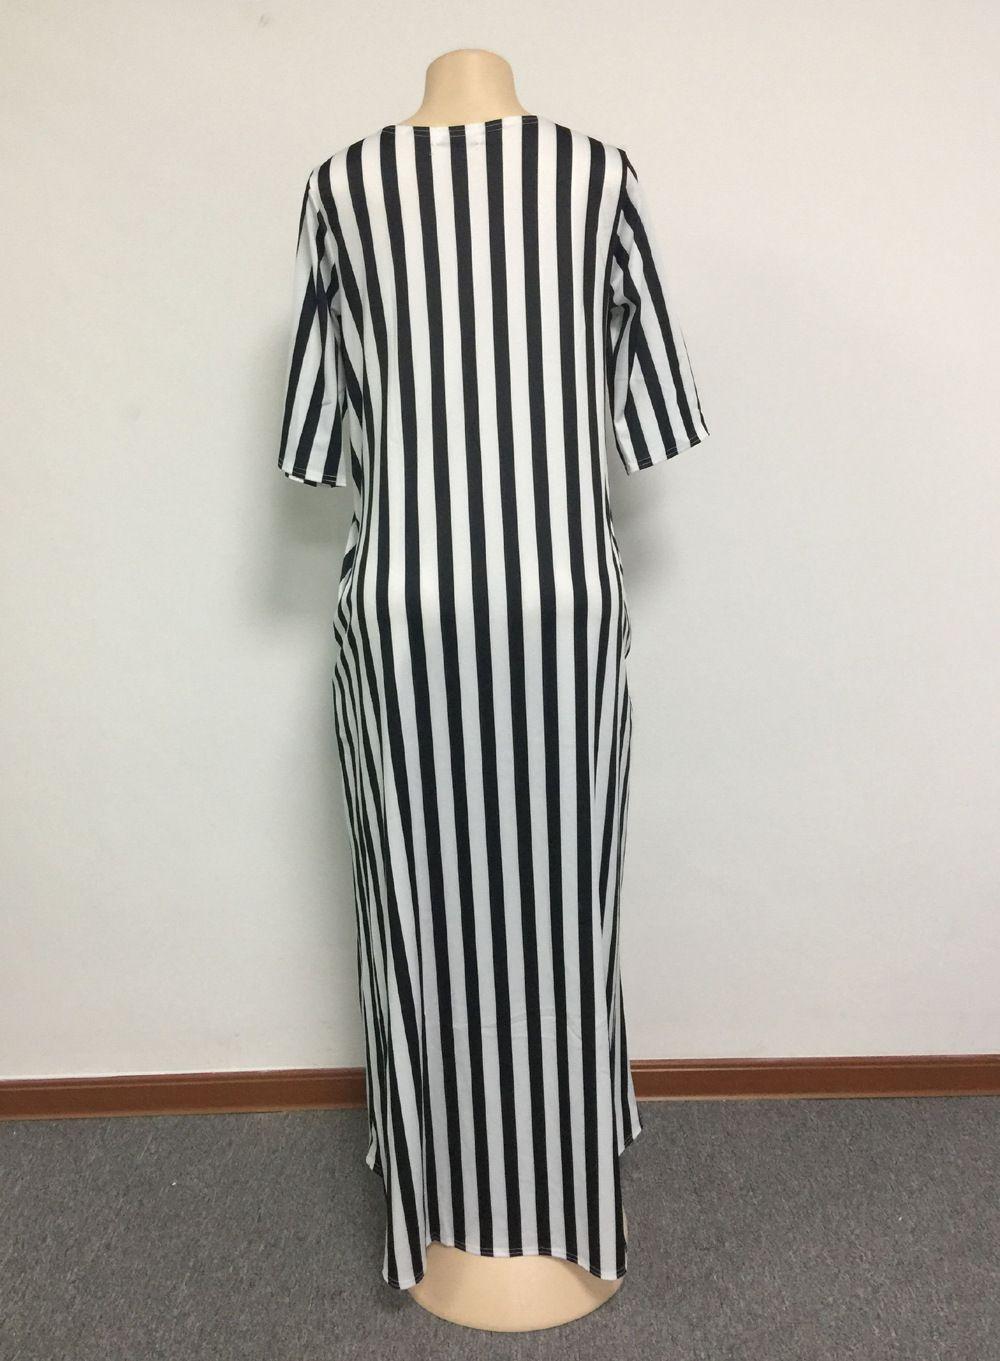 2018 mode femmes noir et blanc rayures maxi robe conception de vêtements traditionnels africains impression Dashiki beau cou robes africaines pour les femmes